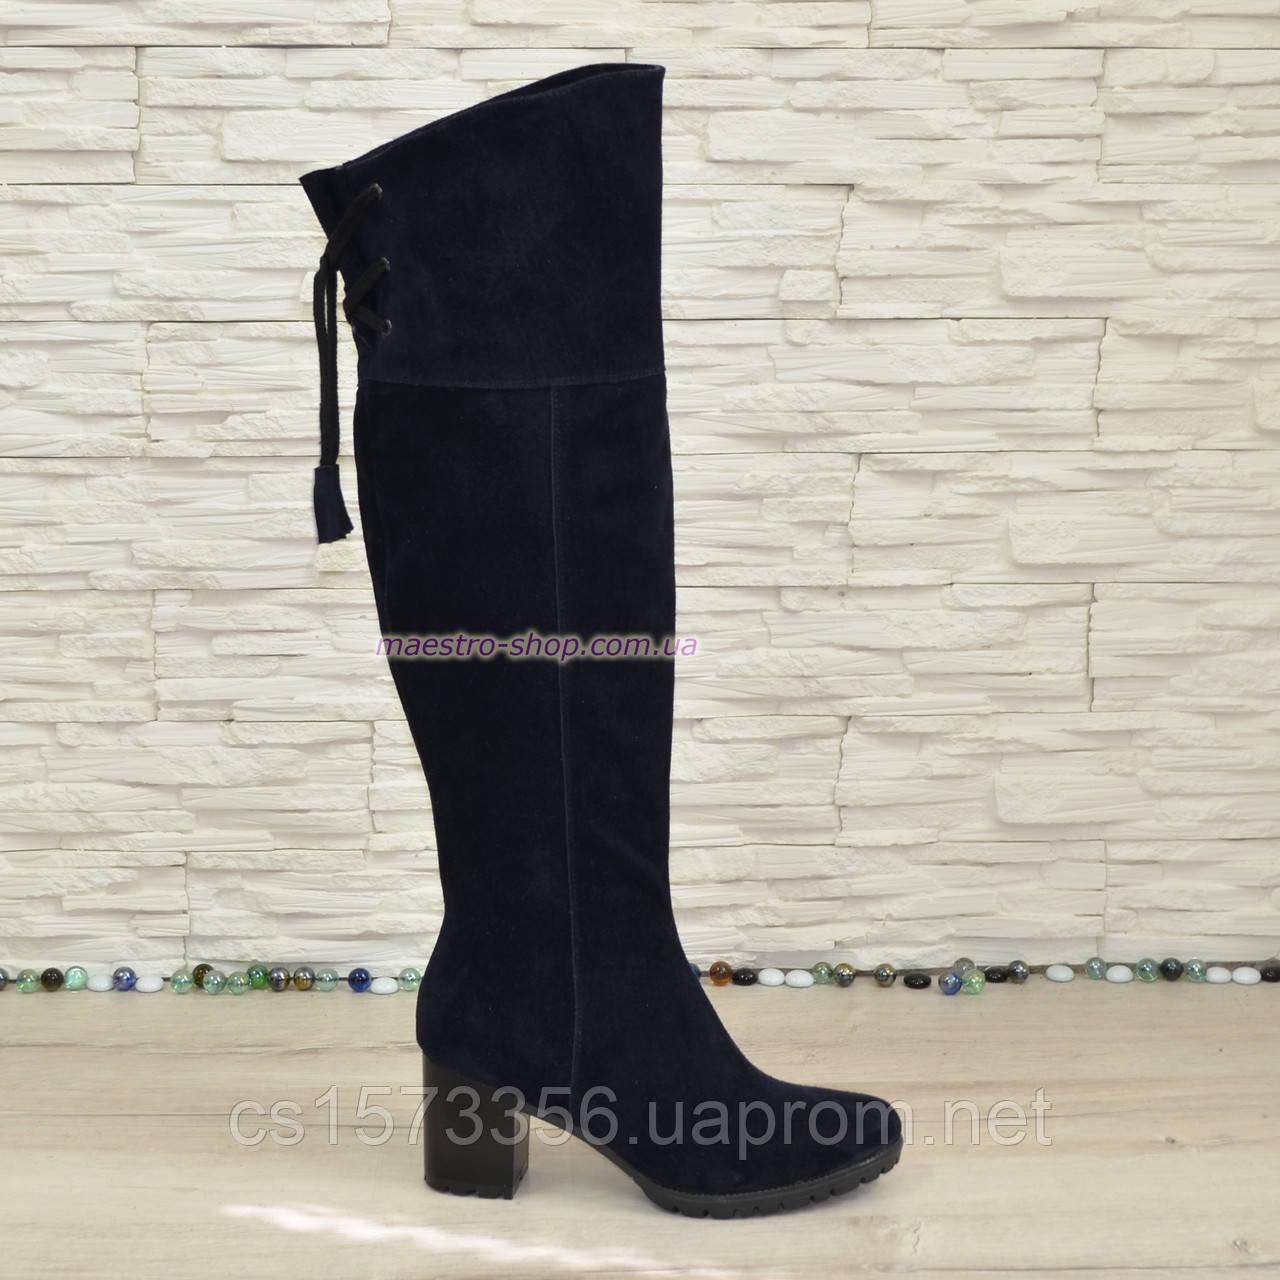 Ботфорты демисезонные замшевые на каблуке. Синий цвет.